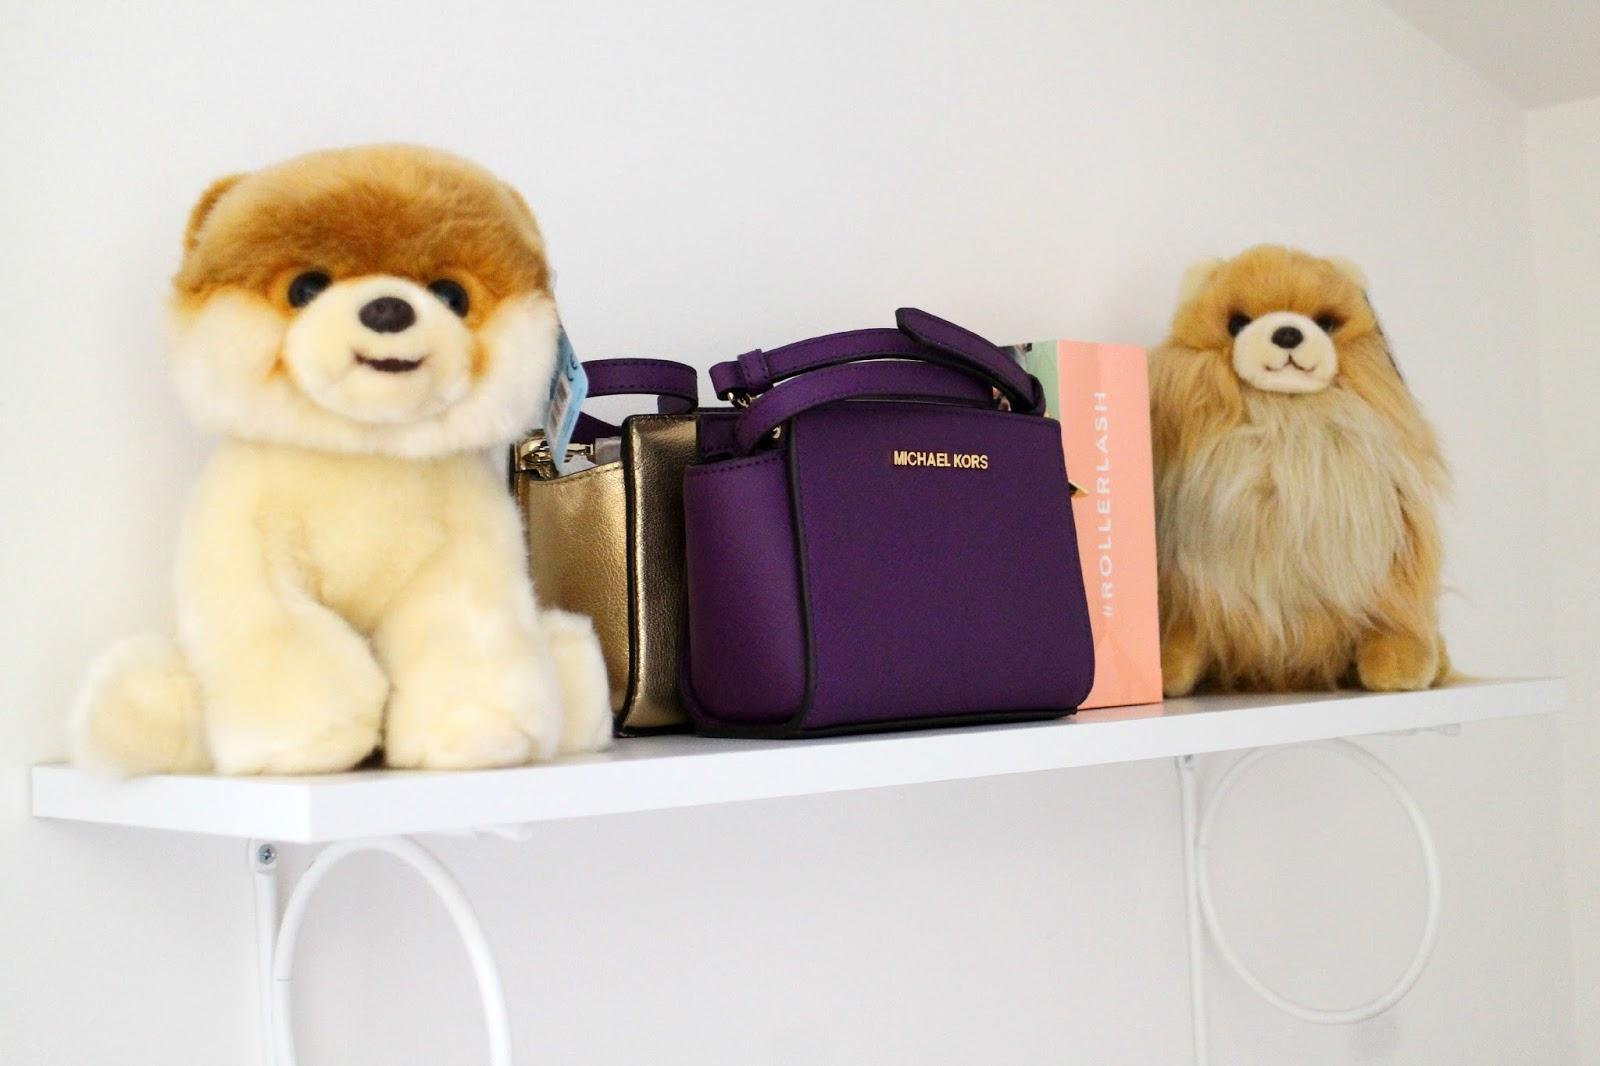 Michael Kors Mini Selma Handbag